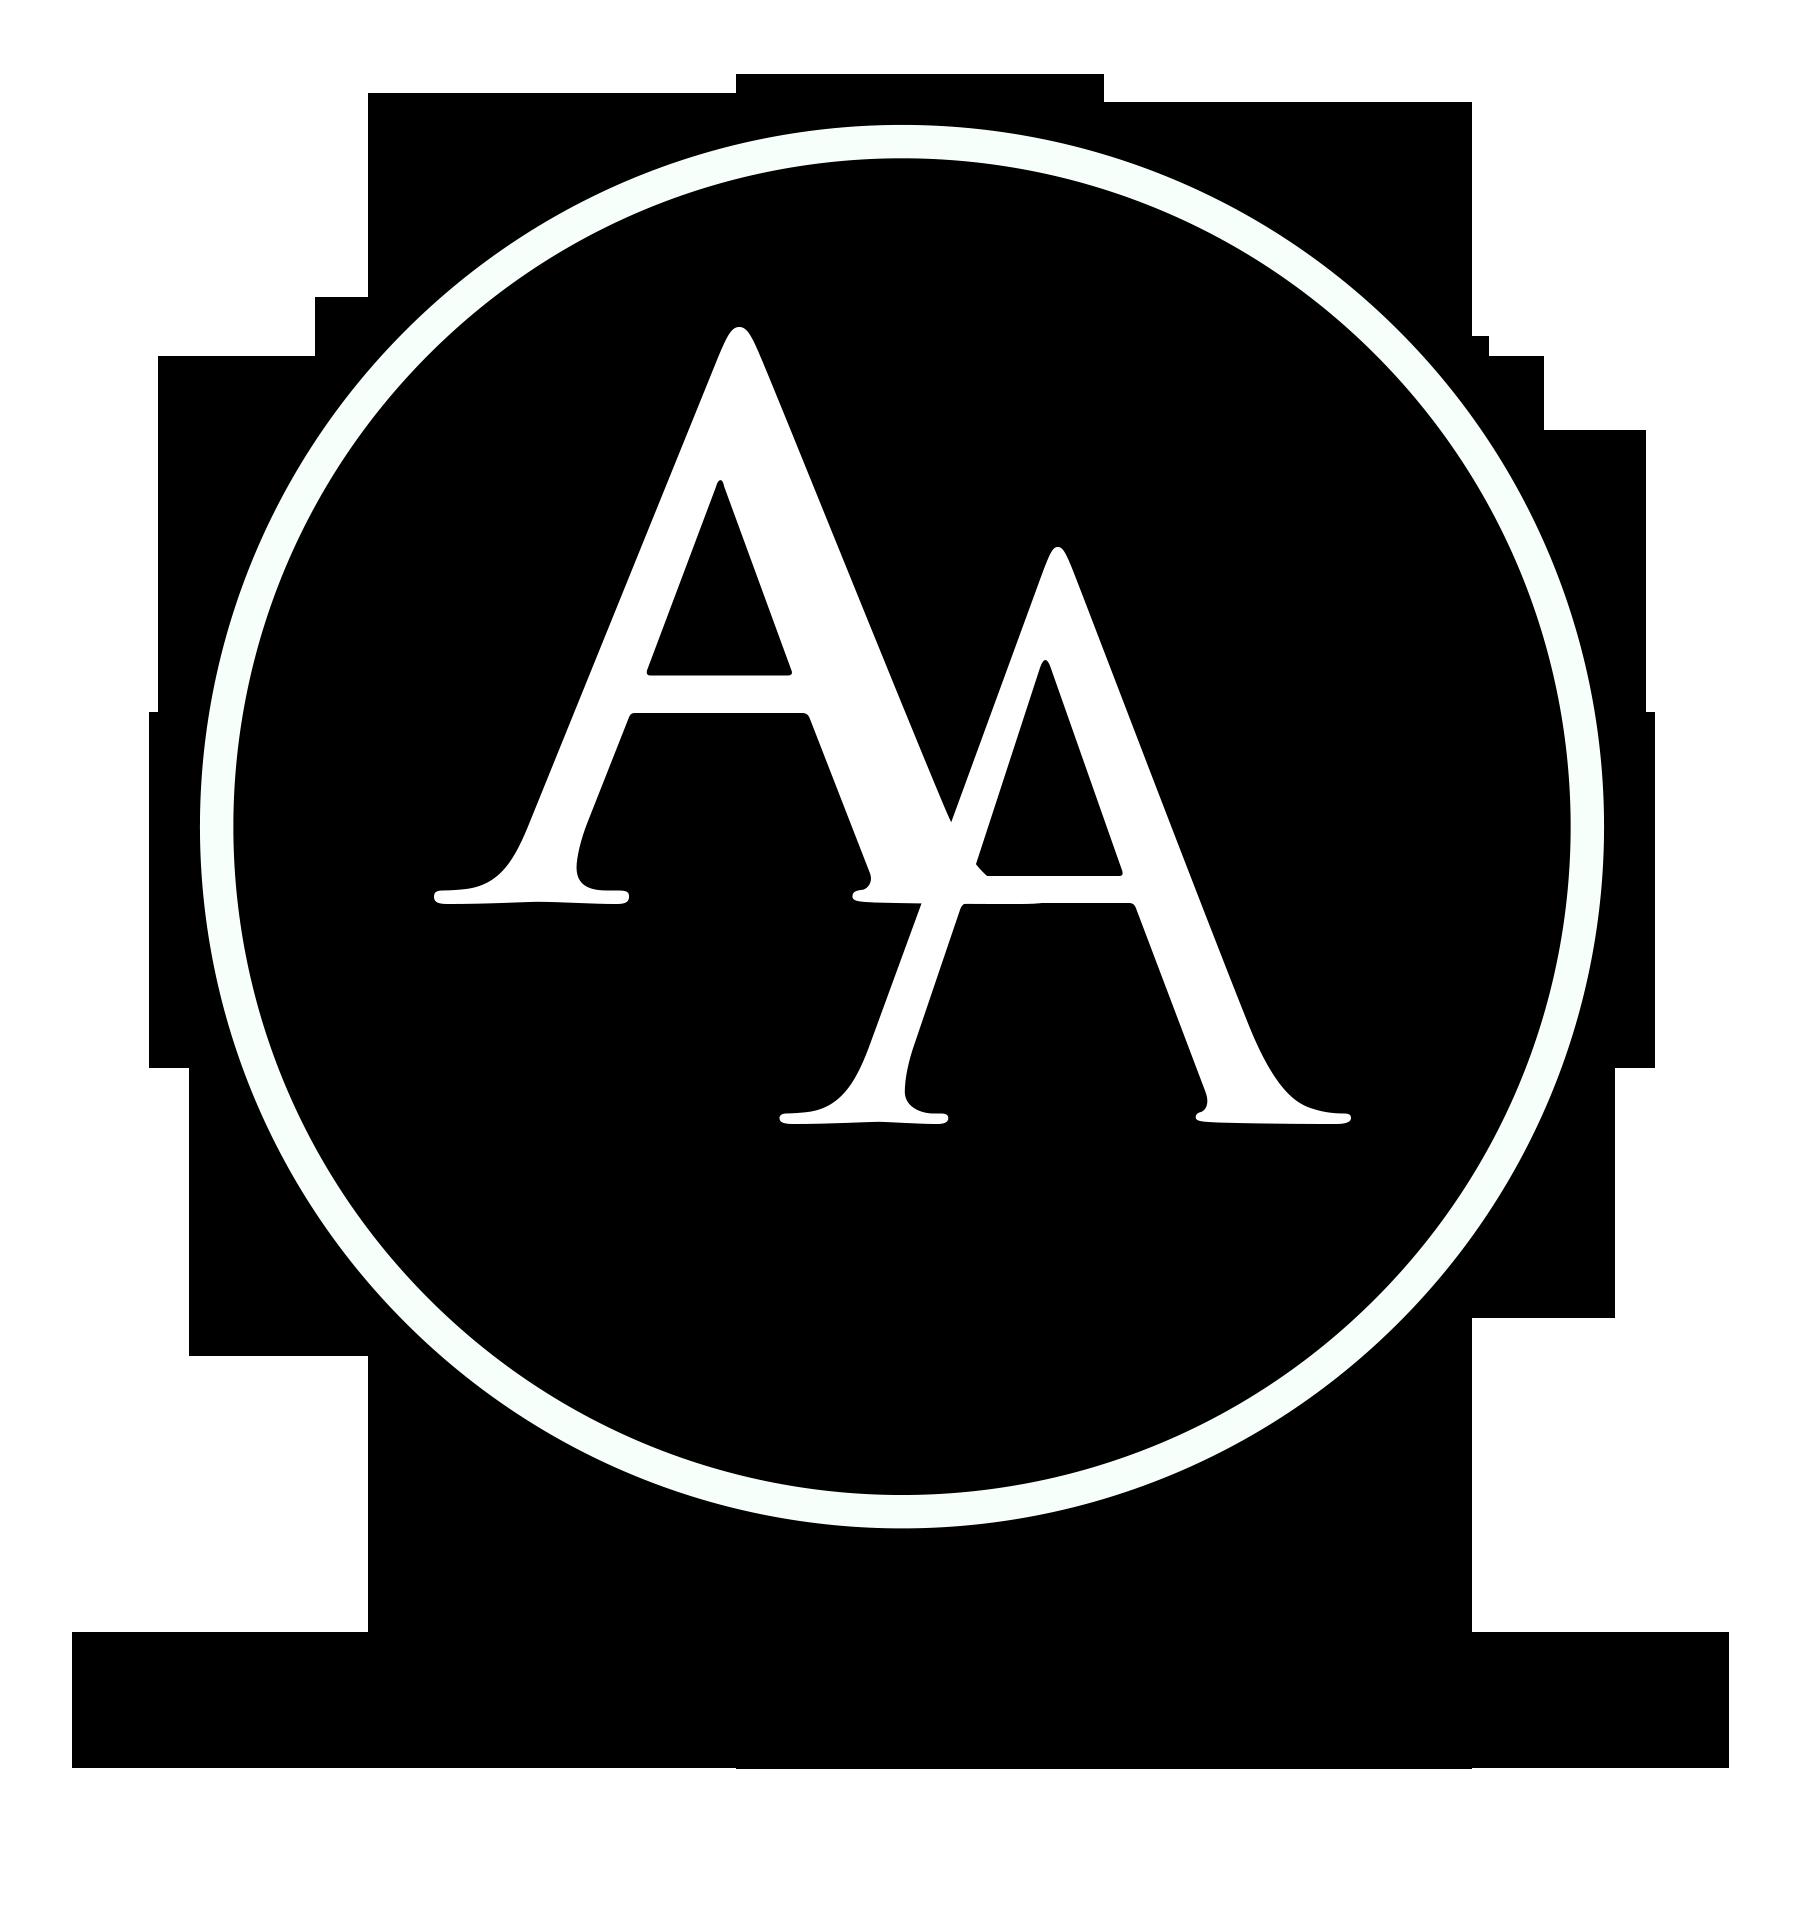 alphaacademylogo.png